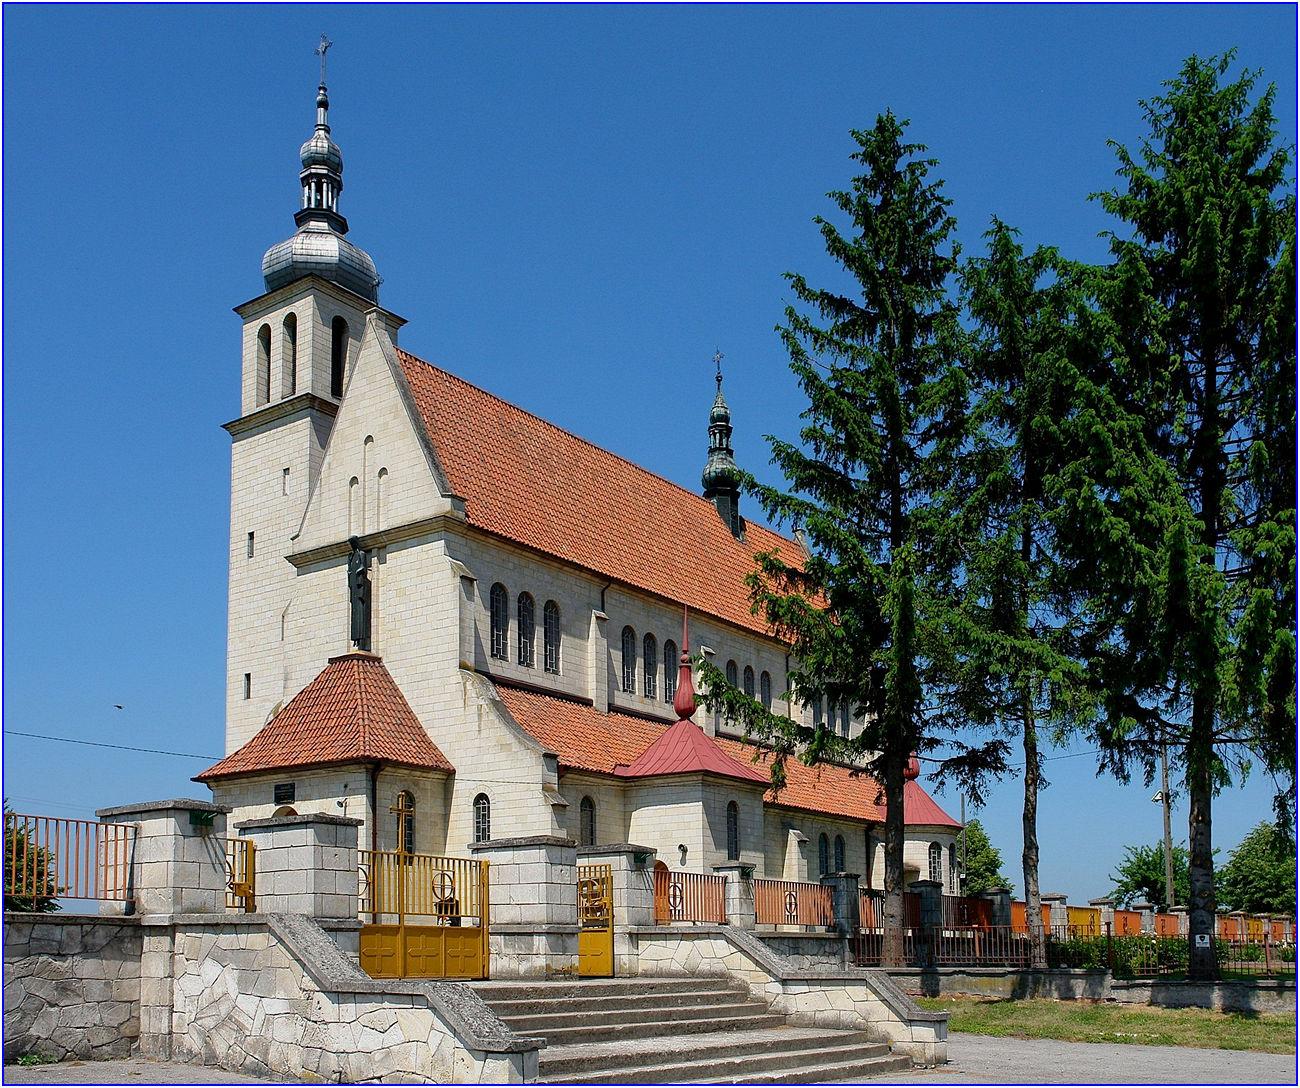 Kościół pw. Wniebowzięcia NMP w Kazimierzy Małej